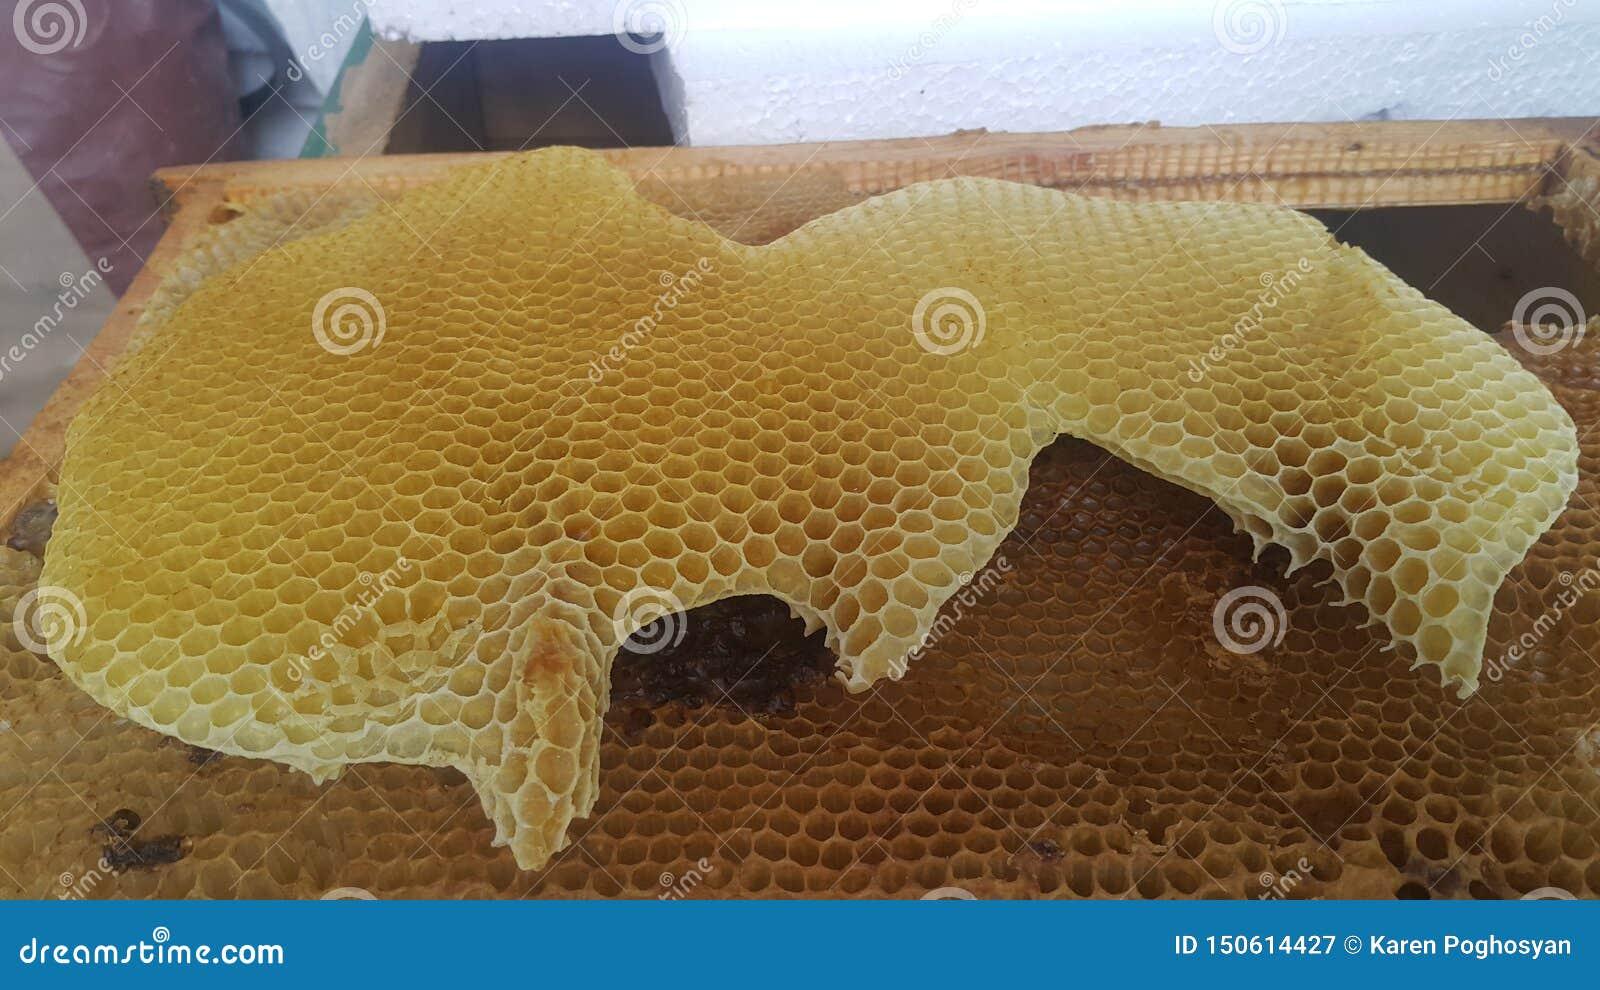 Естественная золотая пчела сота, который выросли пчелы